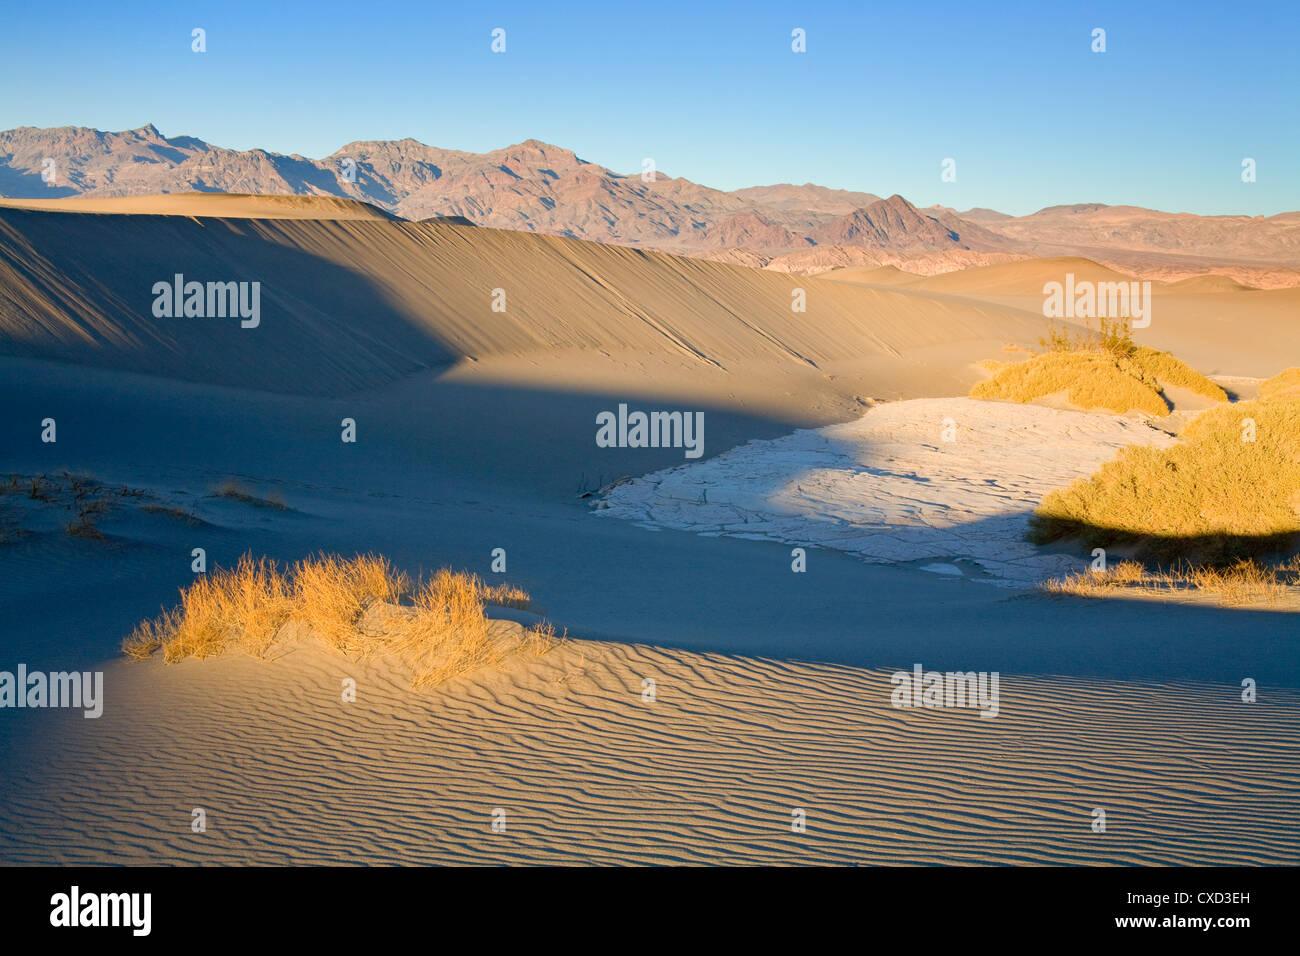 Télévision Mesquite Sand Dunes, Death Valley National Park, California, États-Unis d'Amérique, Amérique du Nord Banque D'Images